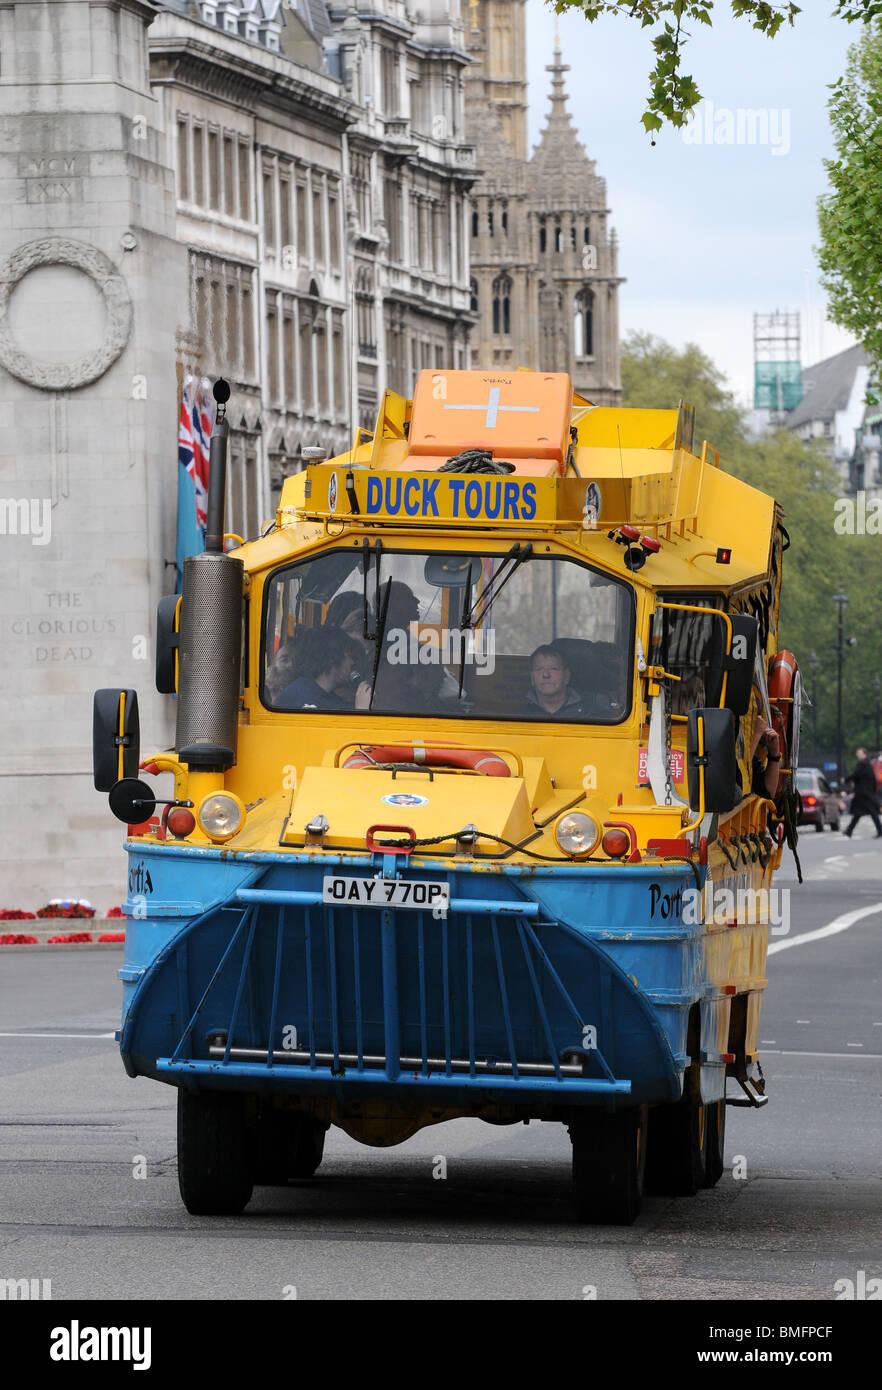 """""""Duck Tours"""" Amphibienfahrzeug auf der Straße, London, England, UK Stockbild"""